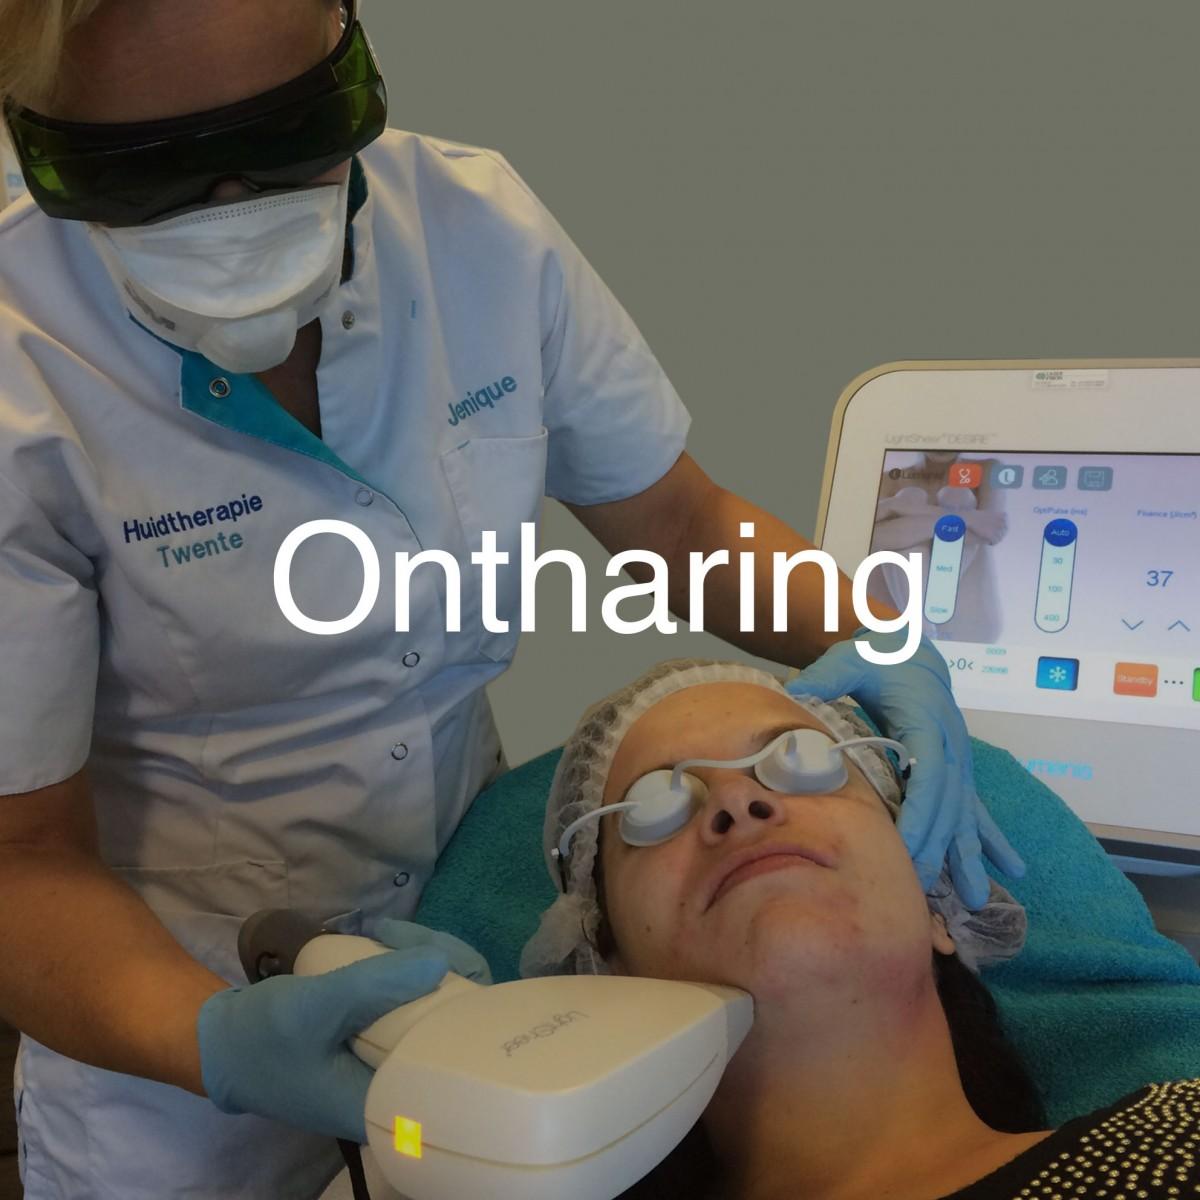 Huidtherapie-Twente-Ontharing-hover-1